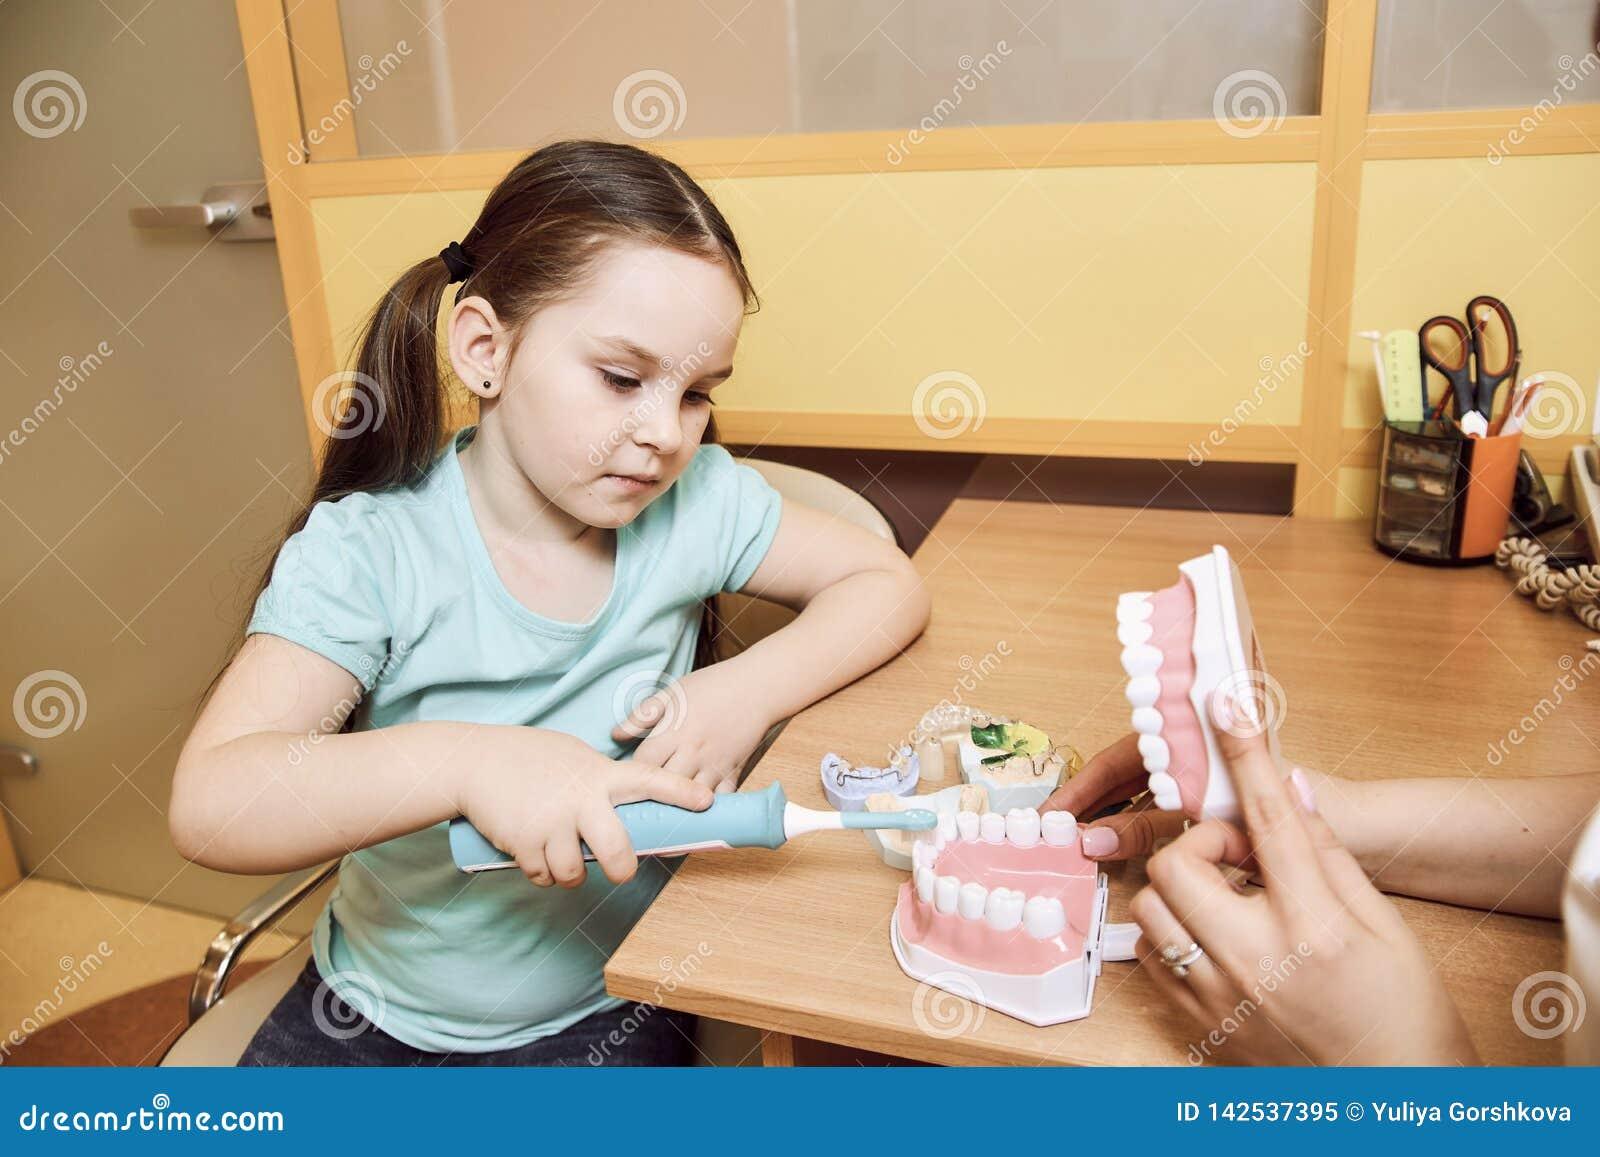 El dentista de la mujer enseña a la niña a cepillar sus dientes